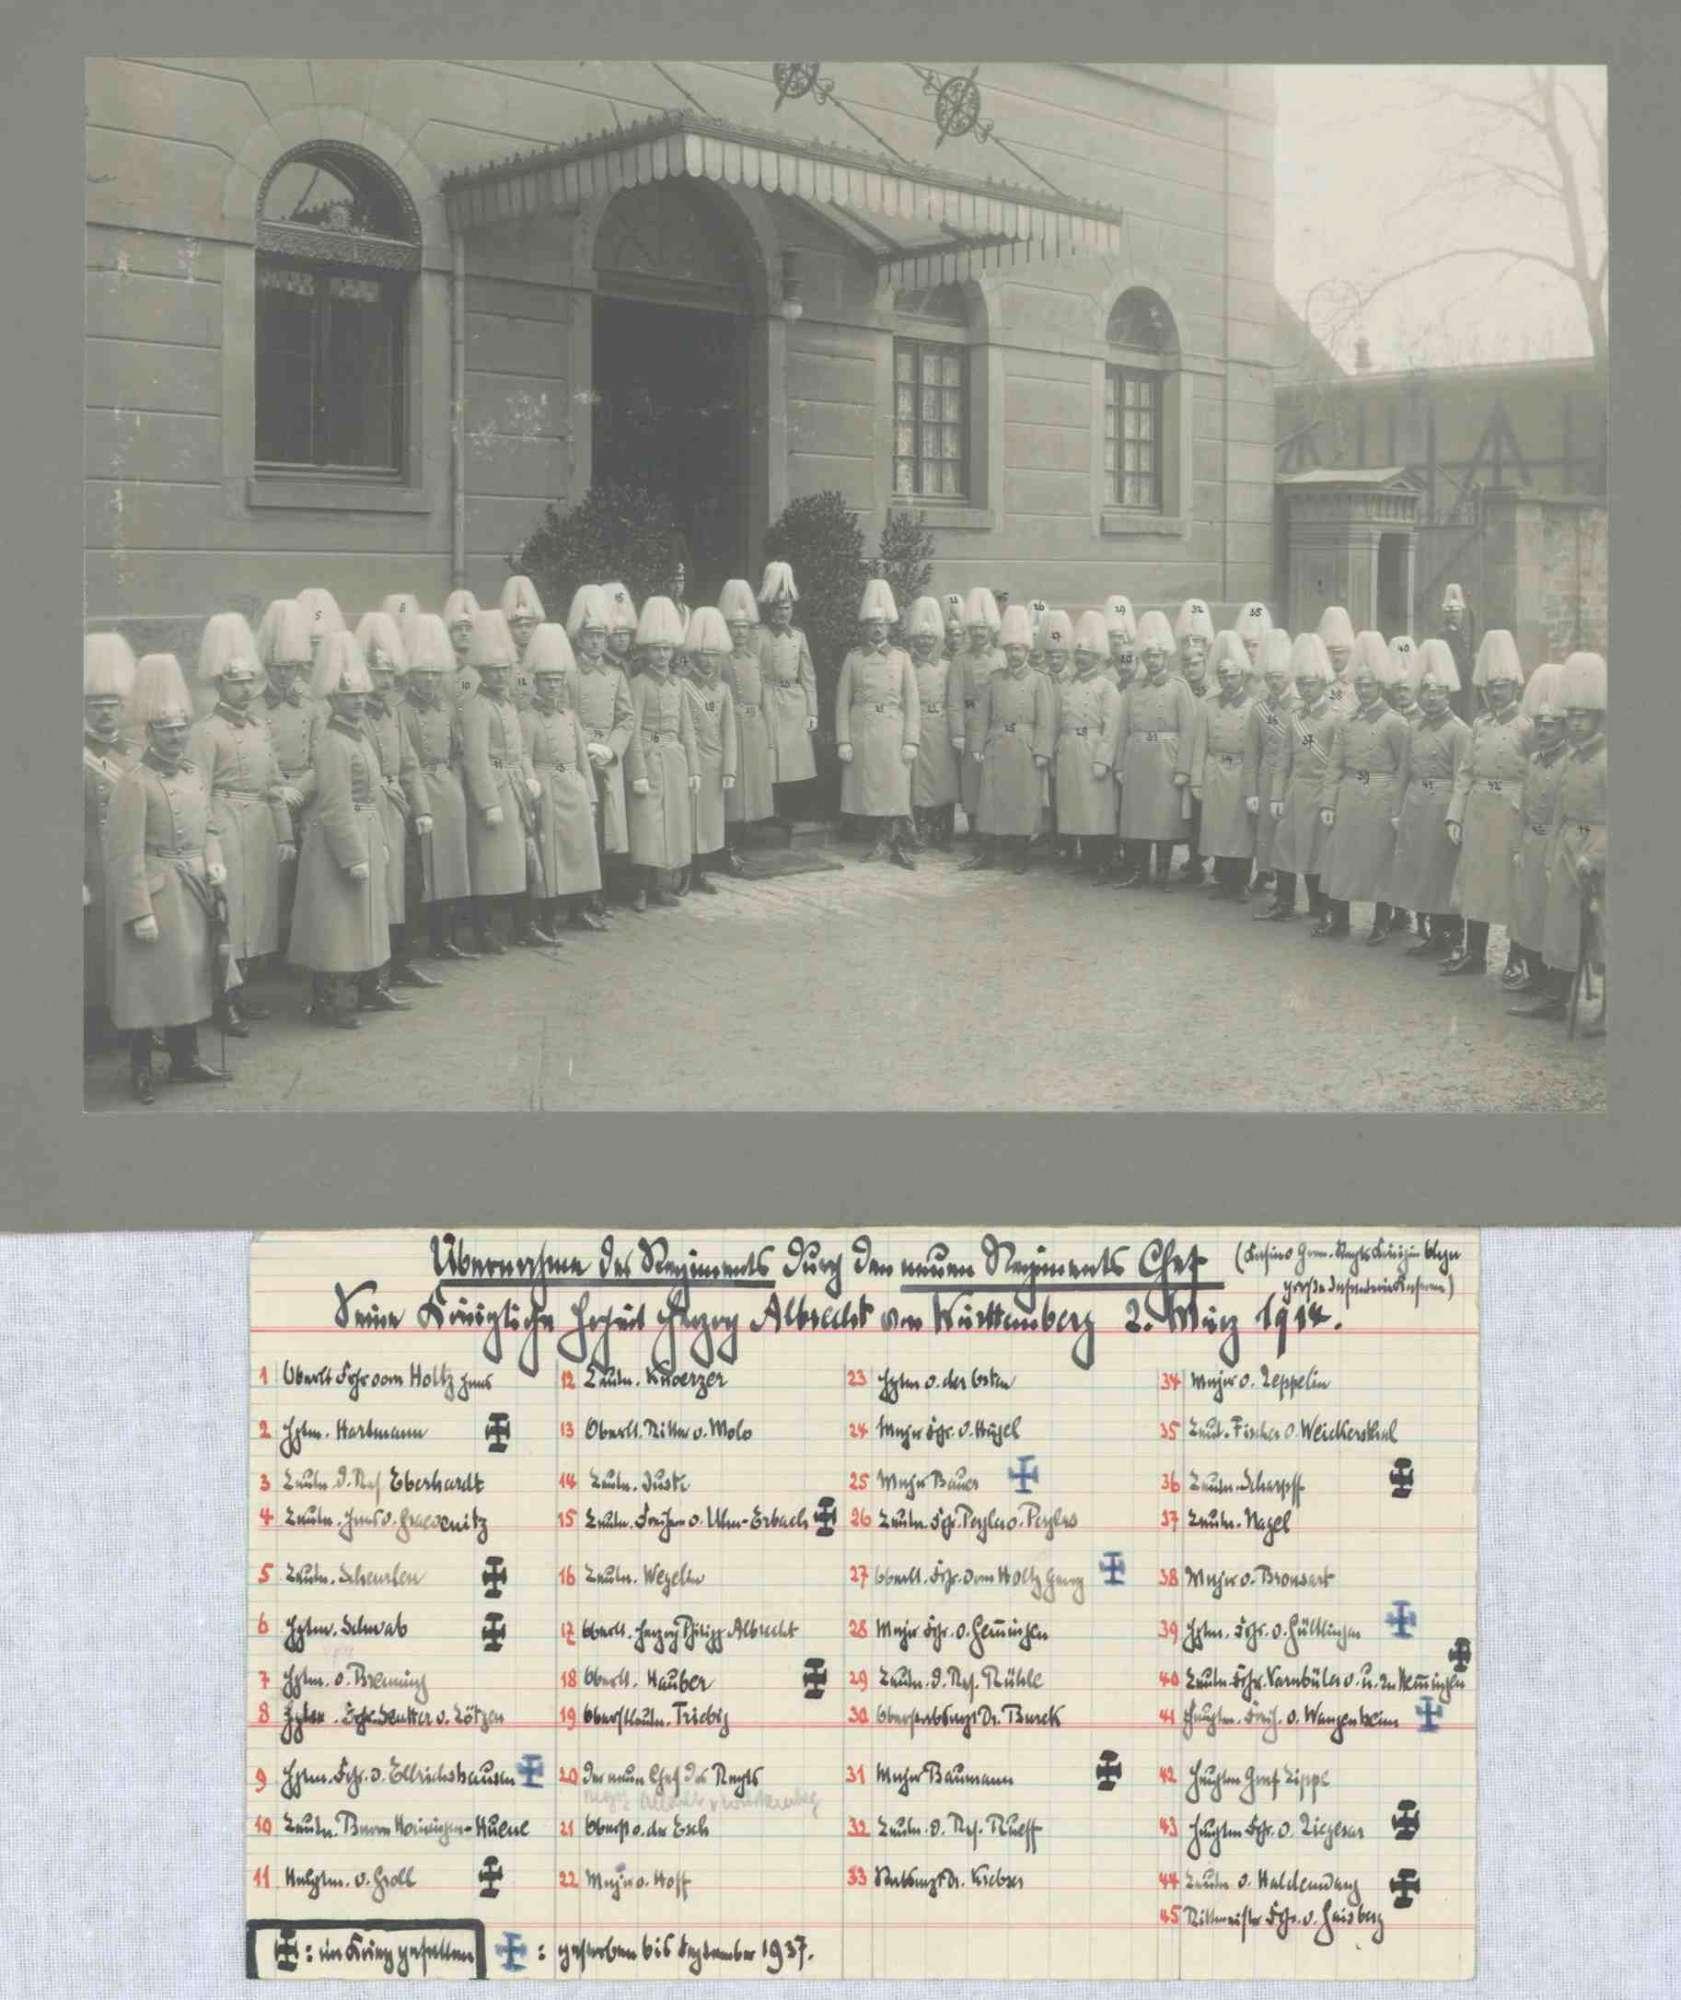 Herzog Albrecht von Württemberg und Offizierscorps in Uniform und Zierhelm, bei der Übernahme des Grenadier-Regiments Nr. 119 Königin Olga, im Hof der Rotebühlkaserne in Stuttgart, in Halbpofil, Bild 1